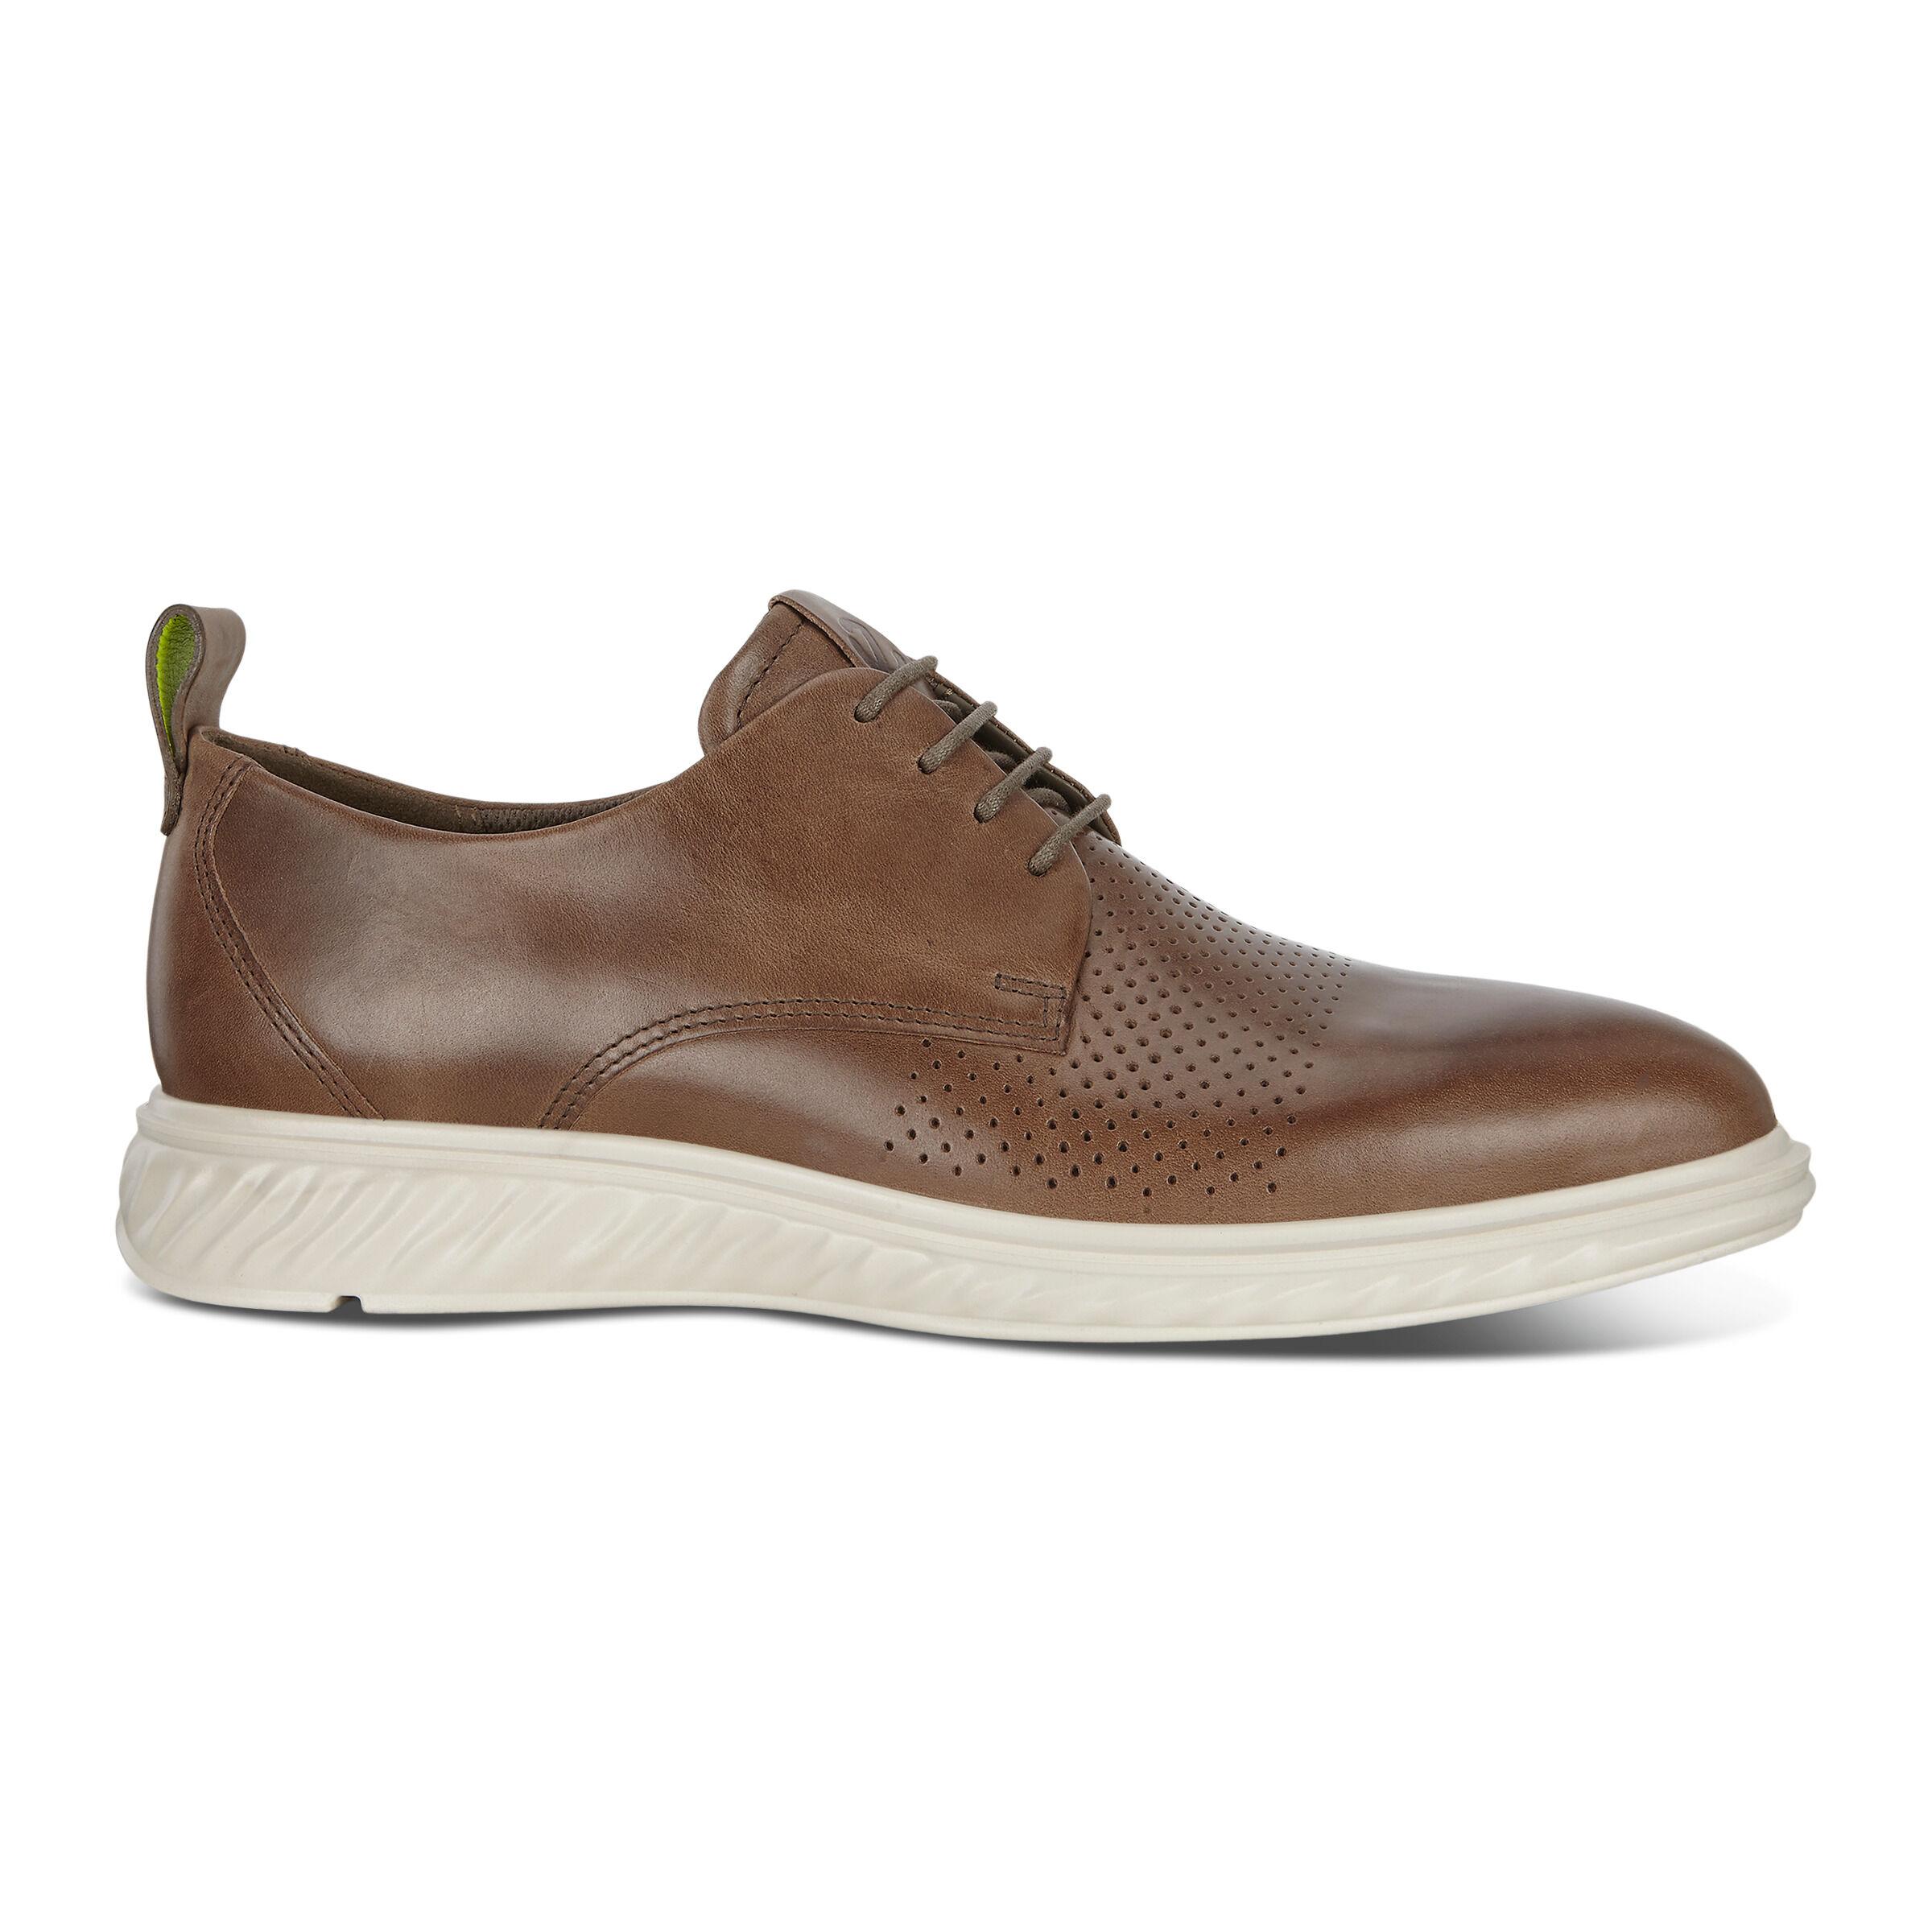 에코 ECCO ST.1 Hybrid Lite Plain-Toe Derby Shoes,DARK CLAY